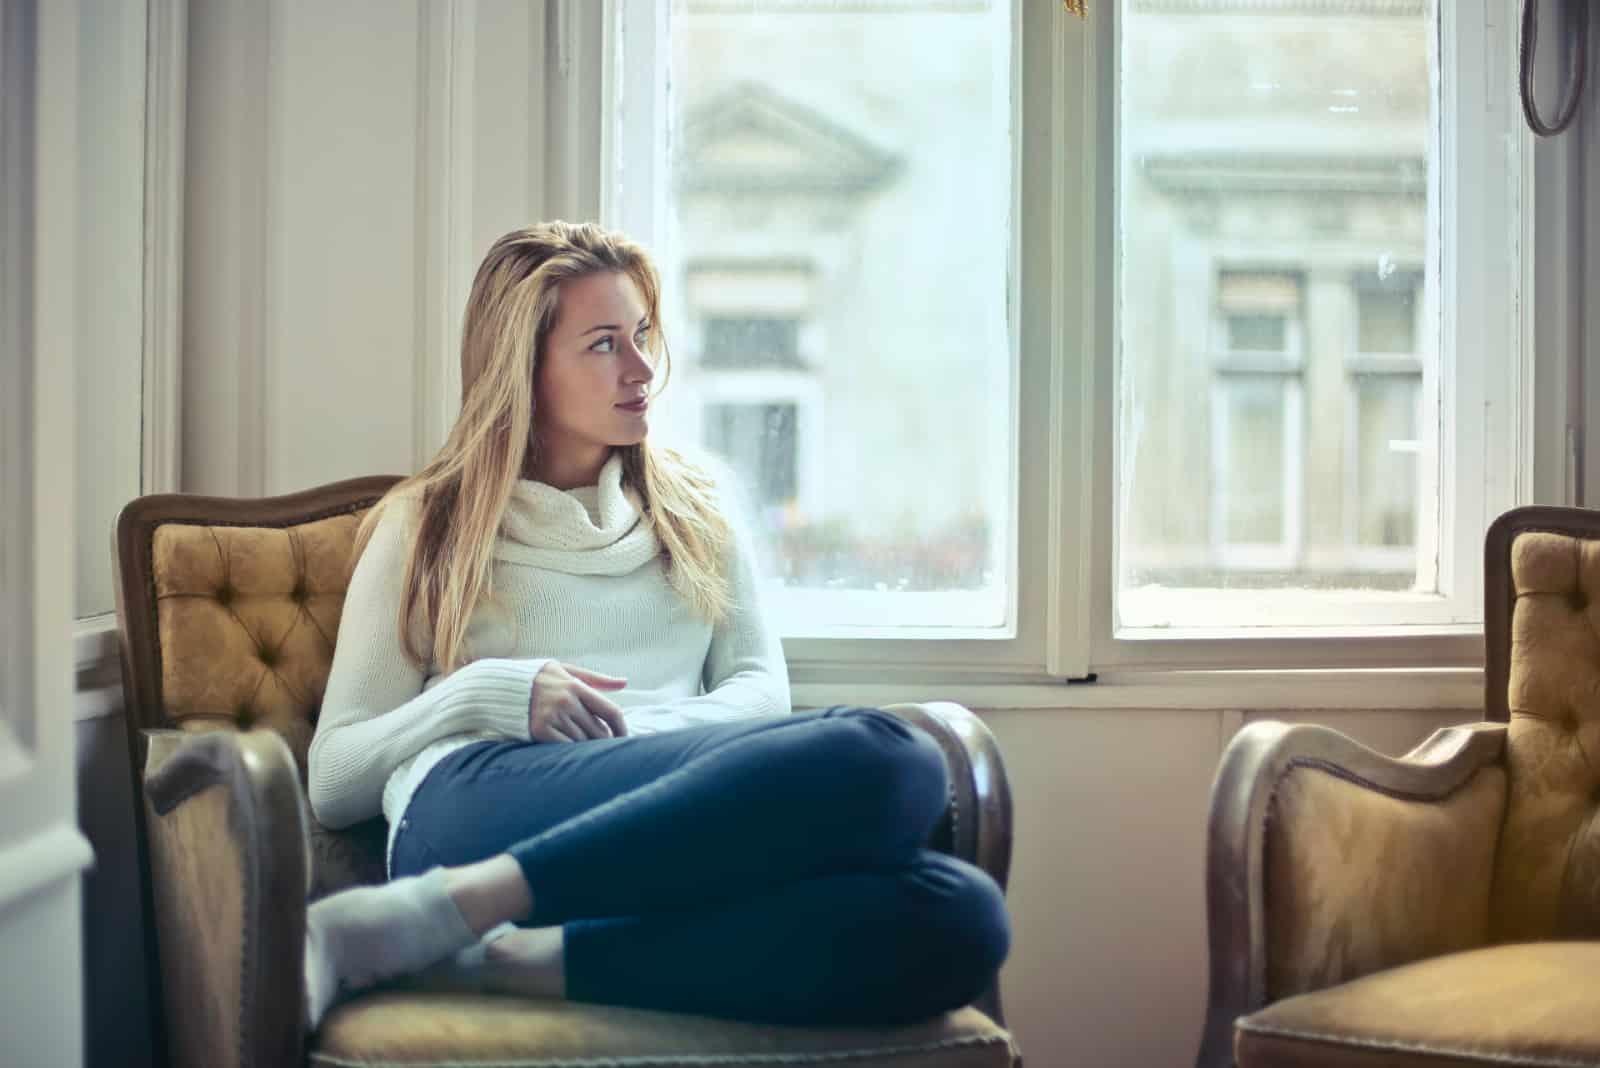 Femme blonde en pull blanc assis sur un fauteuil